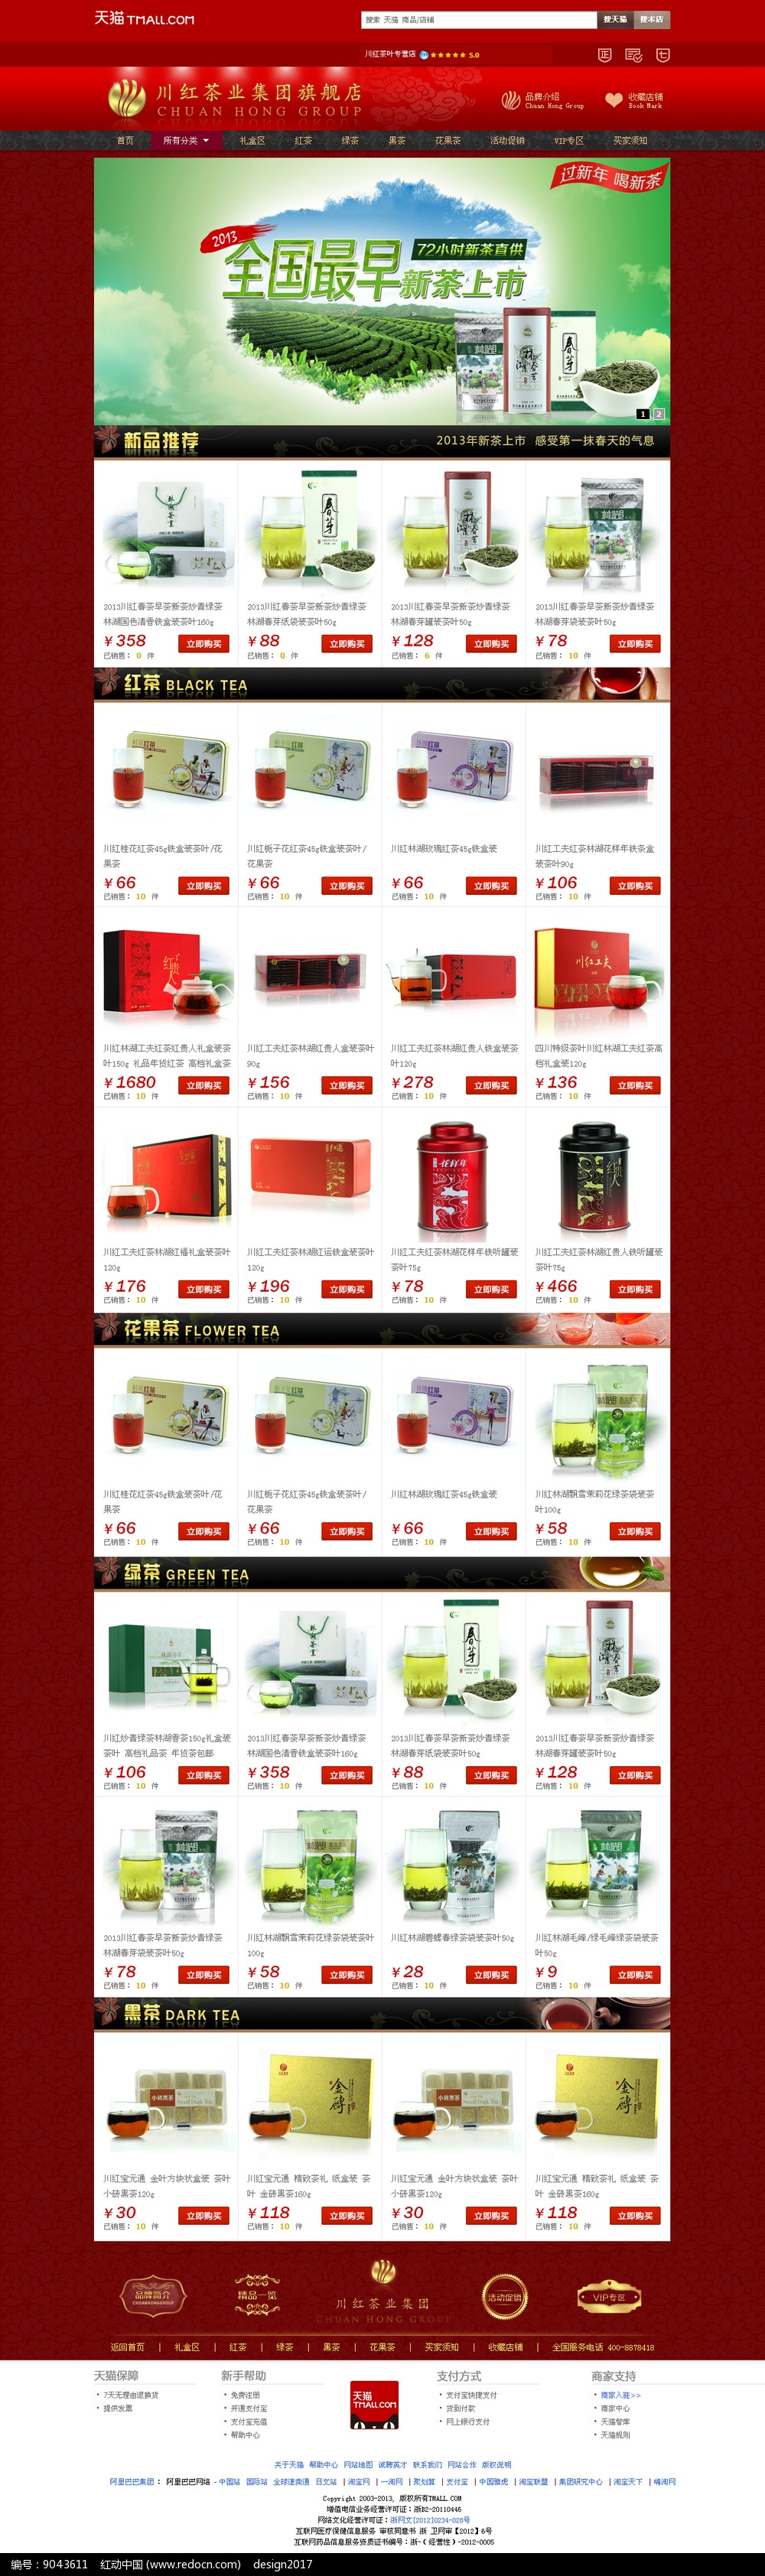 川红茶叶网店促销宣传网页PSD图片